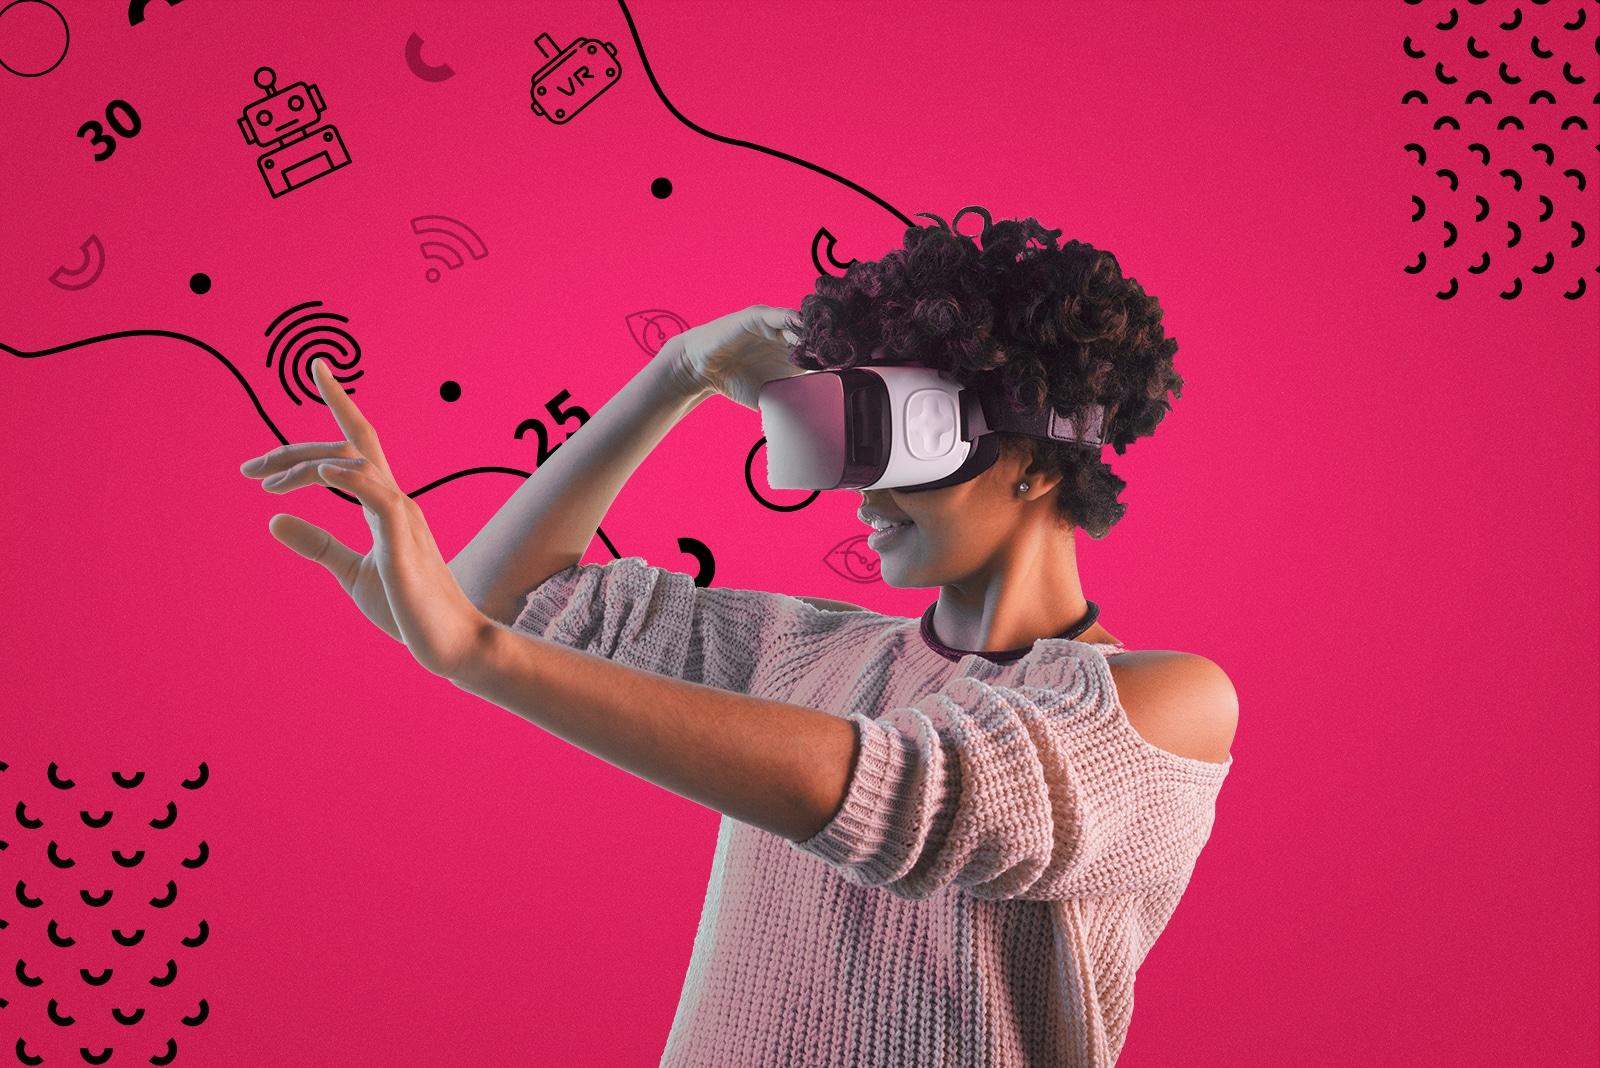 imagem-representando-as-tendencias-tecnologicas